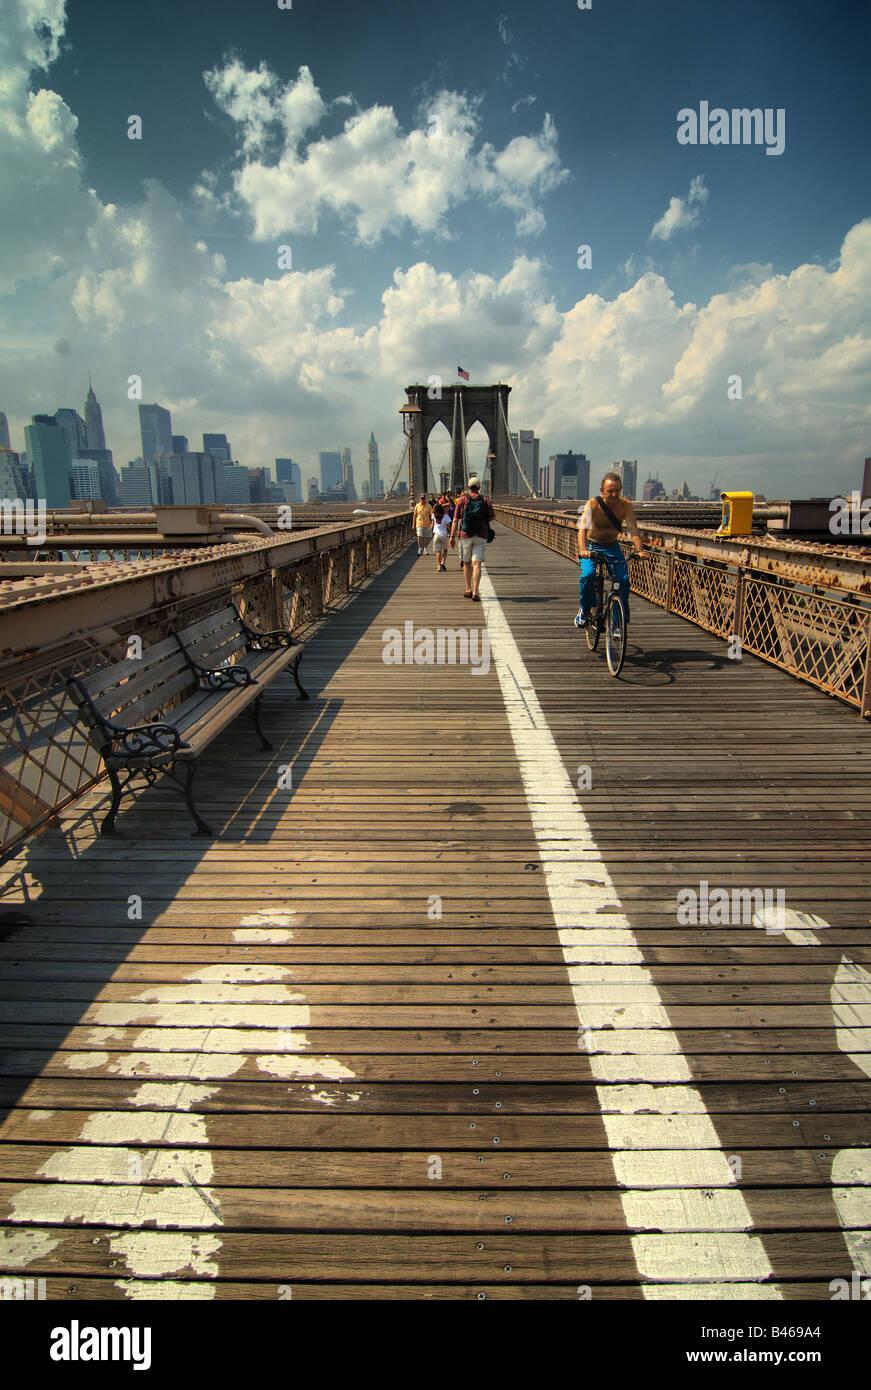 El paseo cruzando el Puente de Brooklyn en Nueva York tiene carriles separados para el peatón senderistas y Imagen De Stock